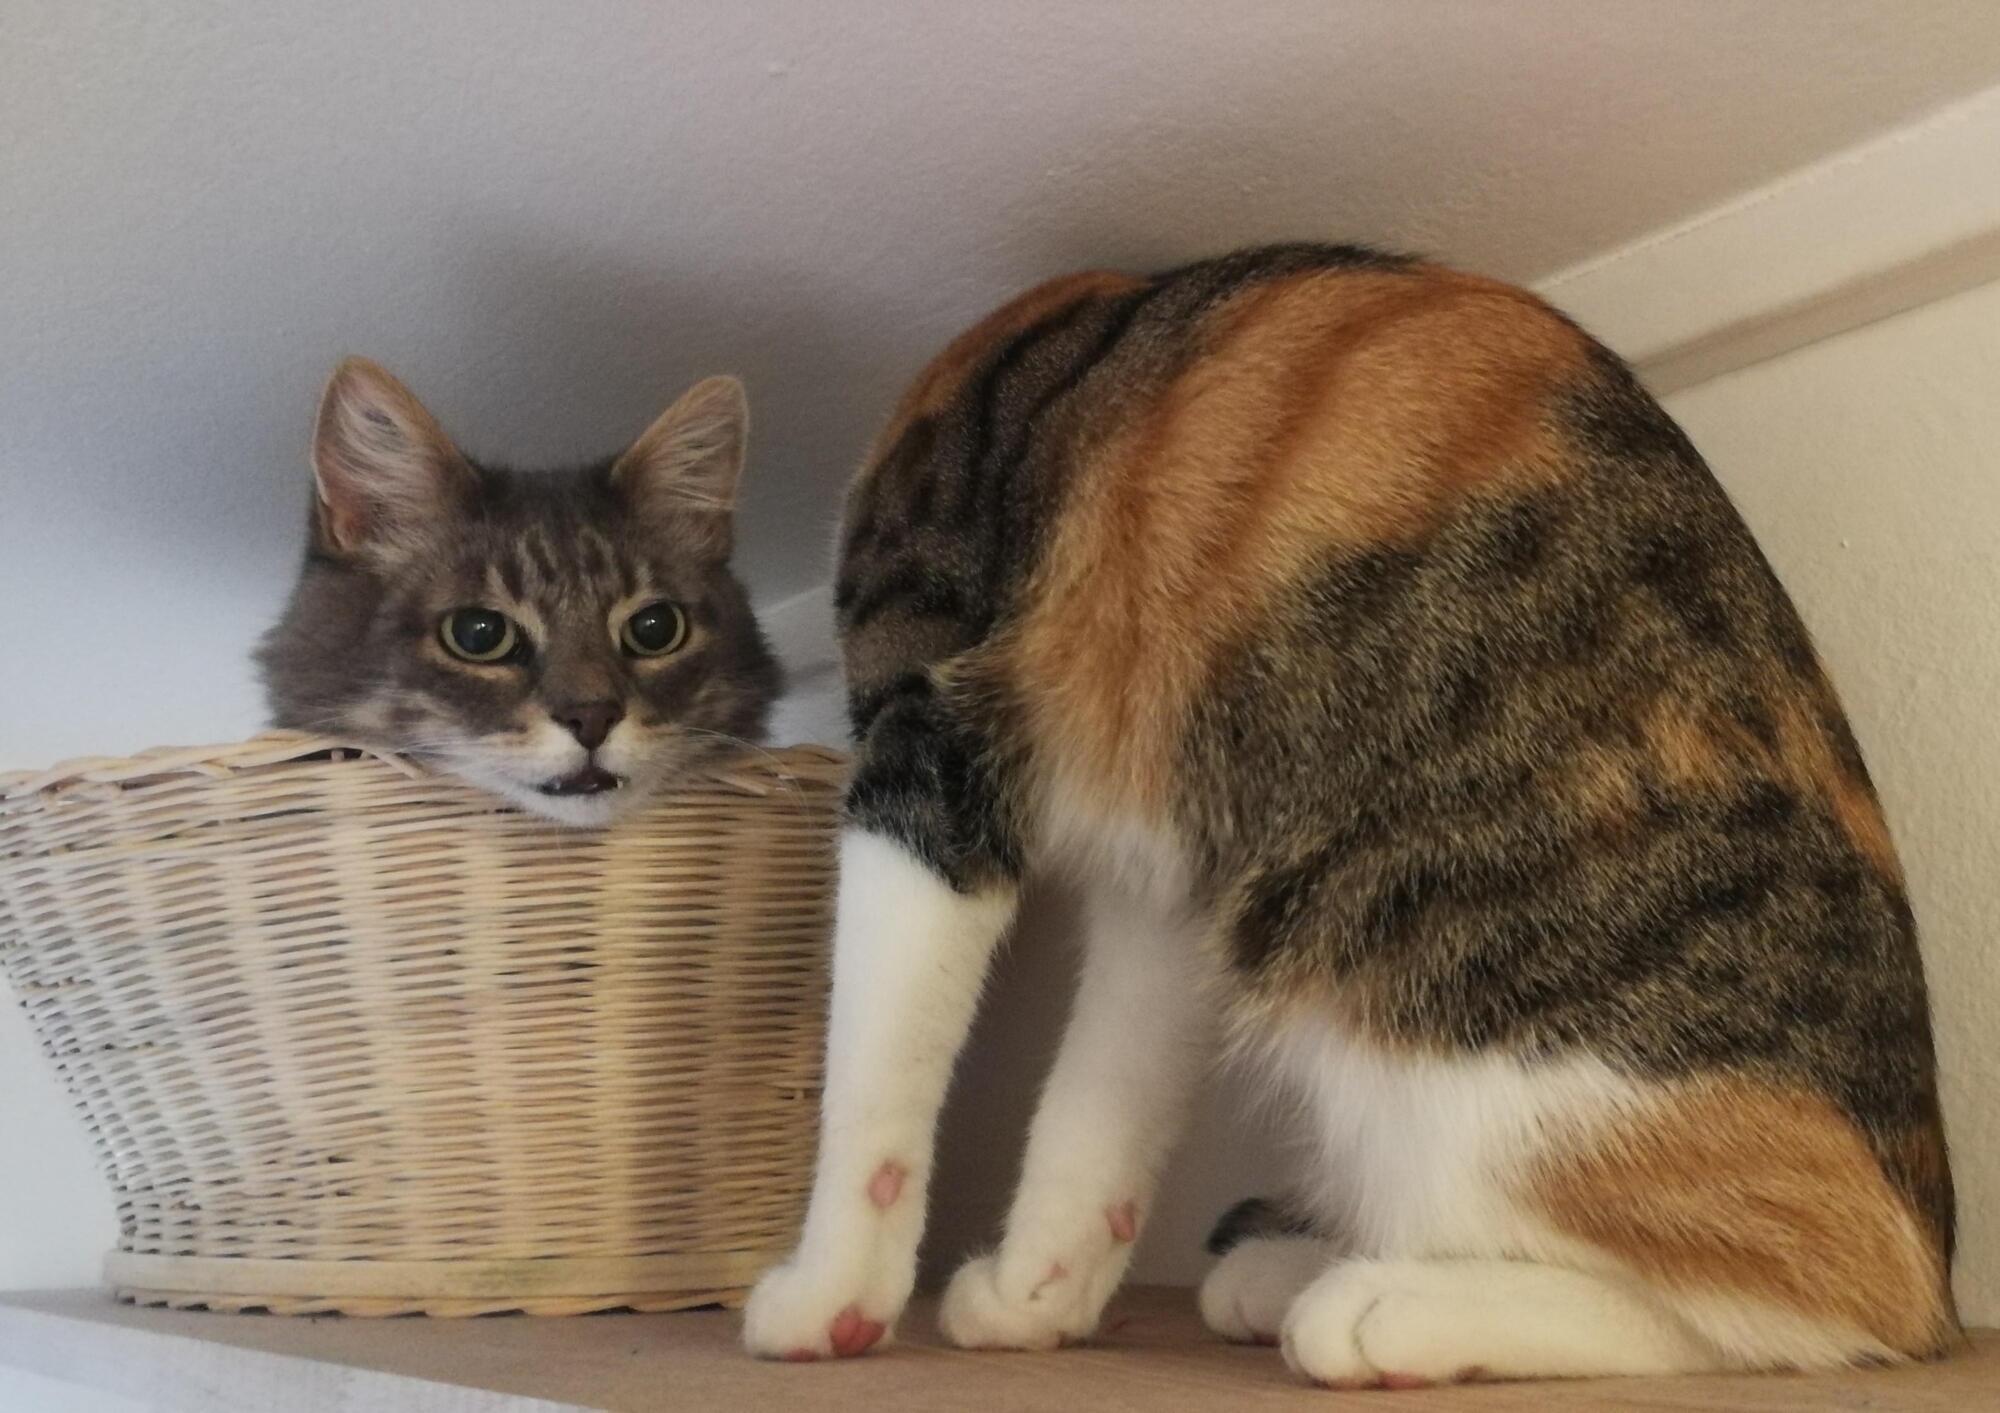 На фото голова кошки находится отдельно от туловища